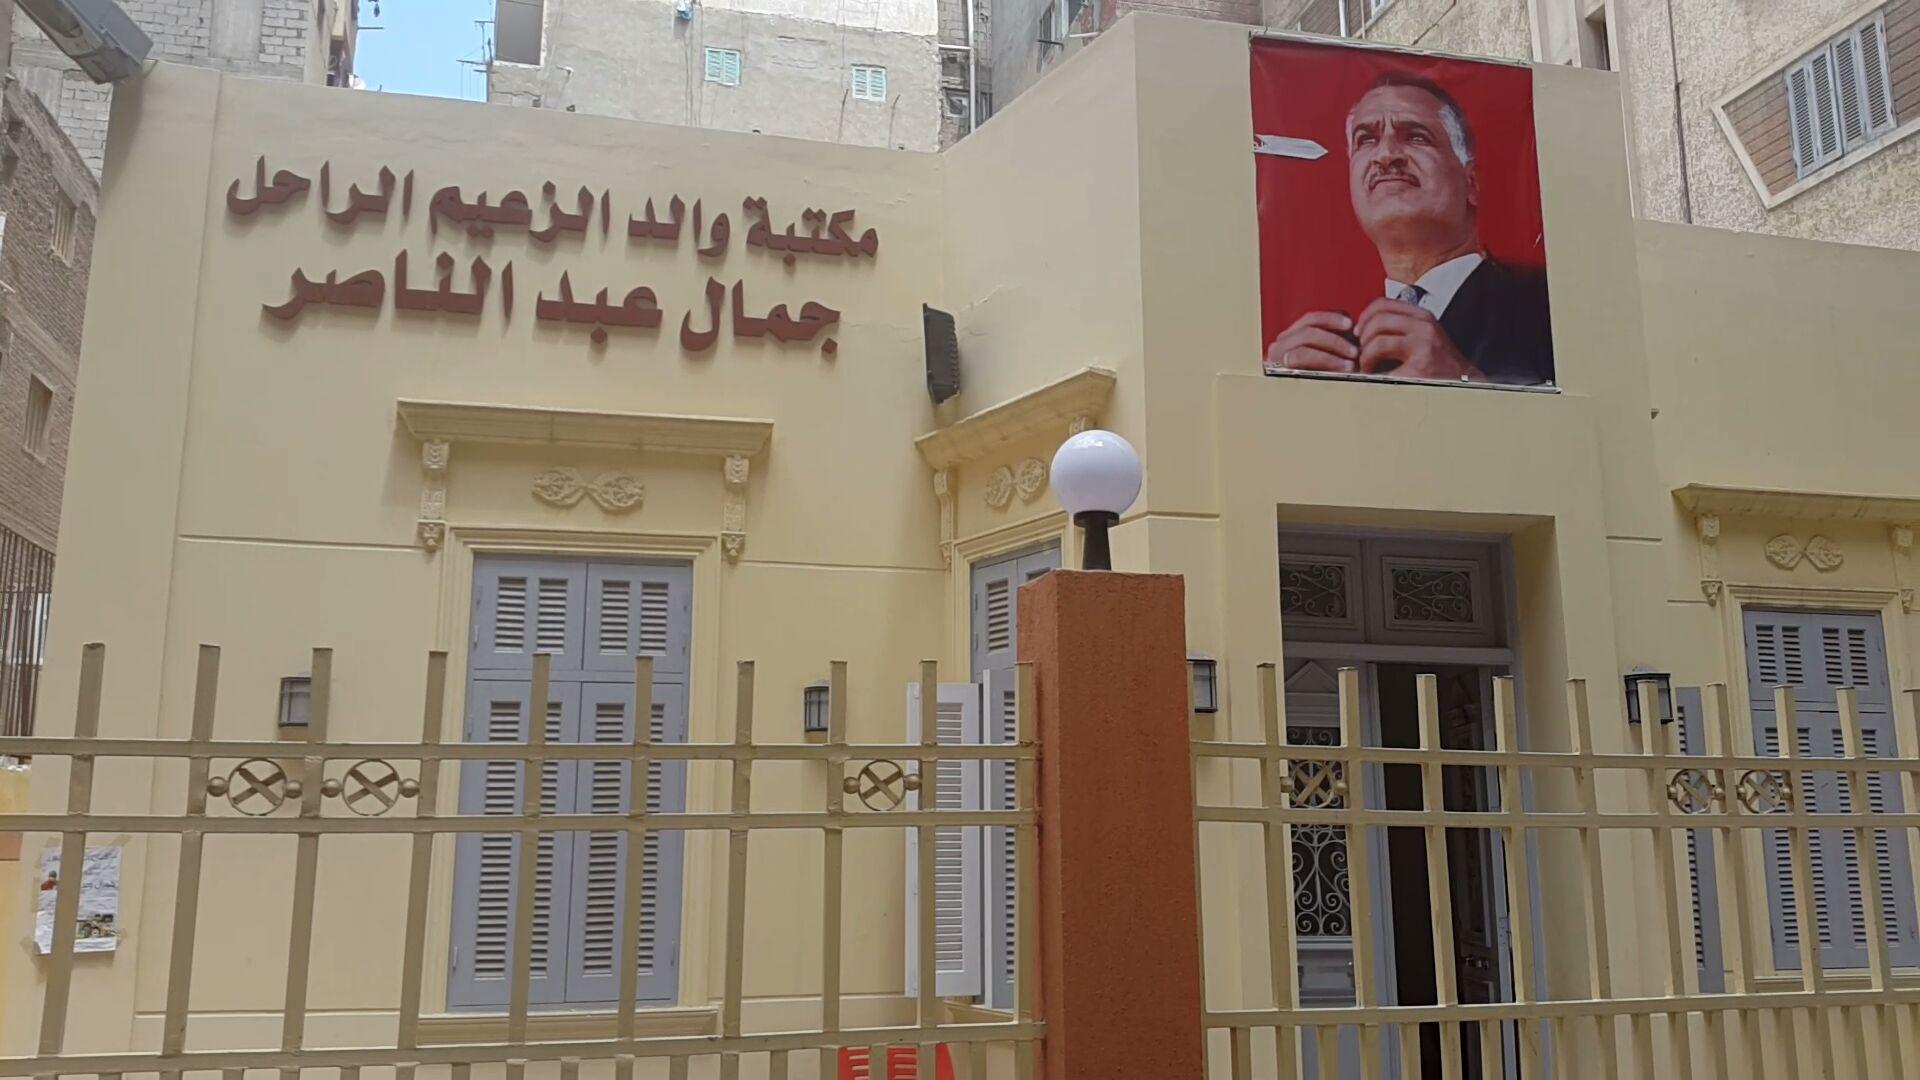 منزل الزعيم الراحل جمال عبد الناصر بالإسكندرية (3)